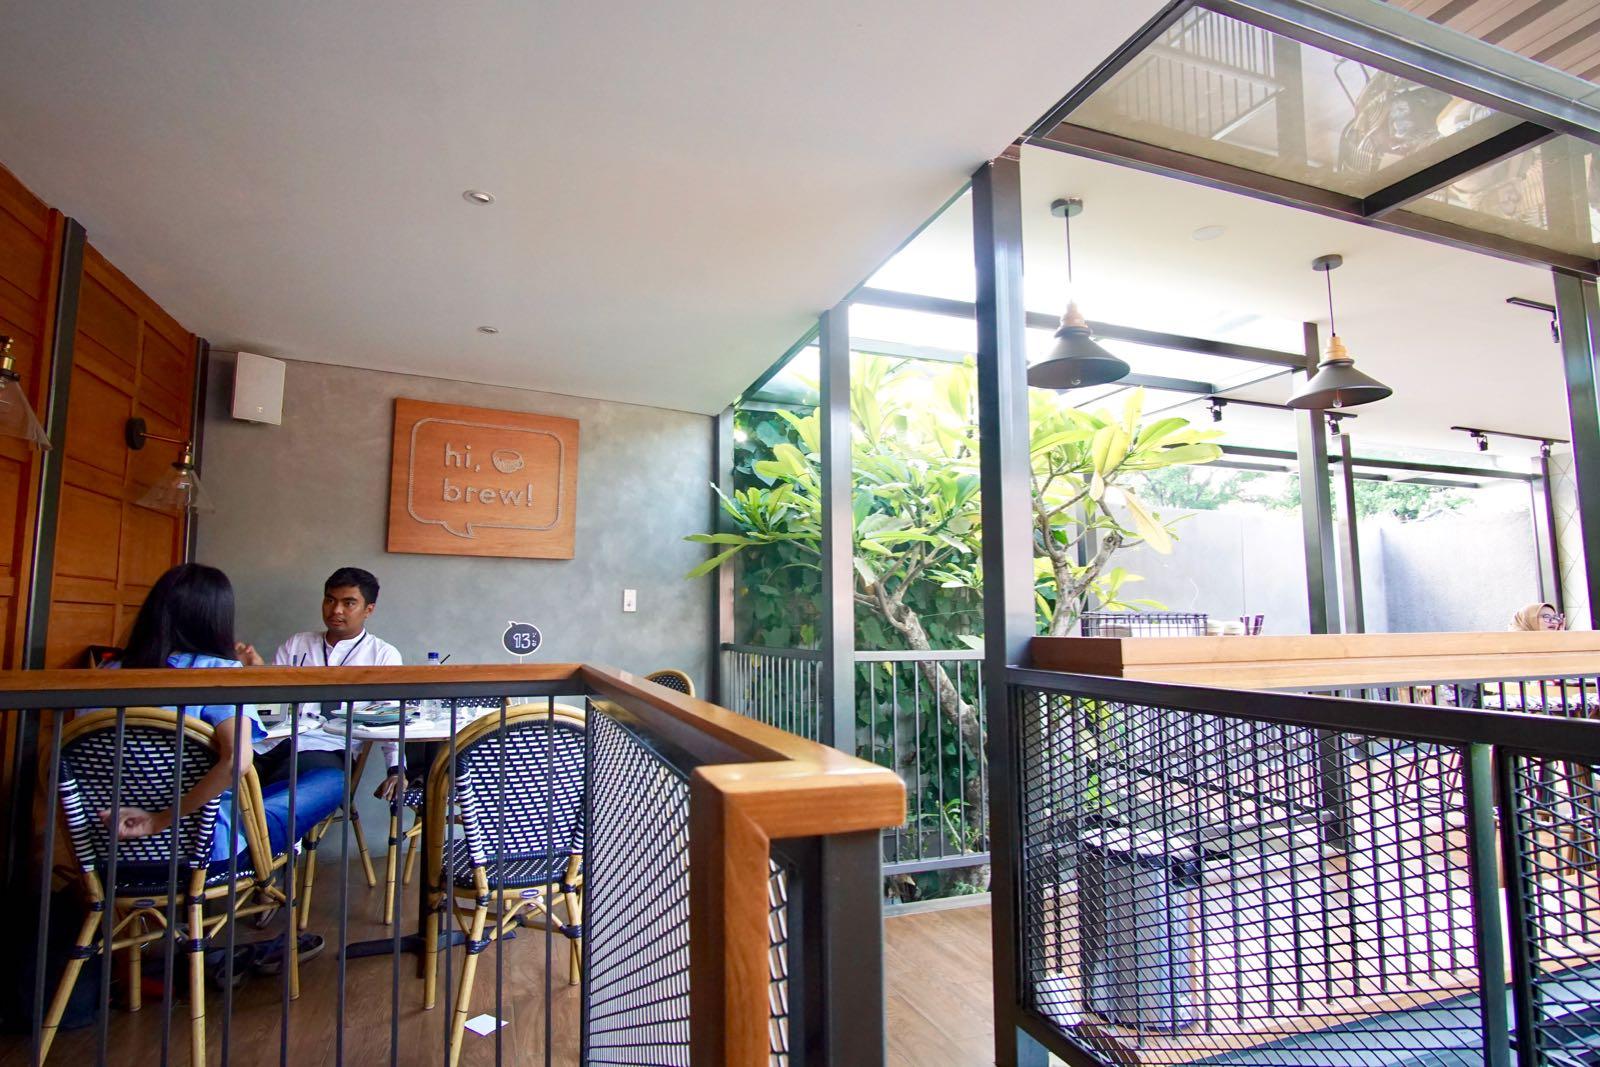 Upper Floor Outdoor Hi Brew Bandung